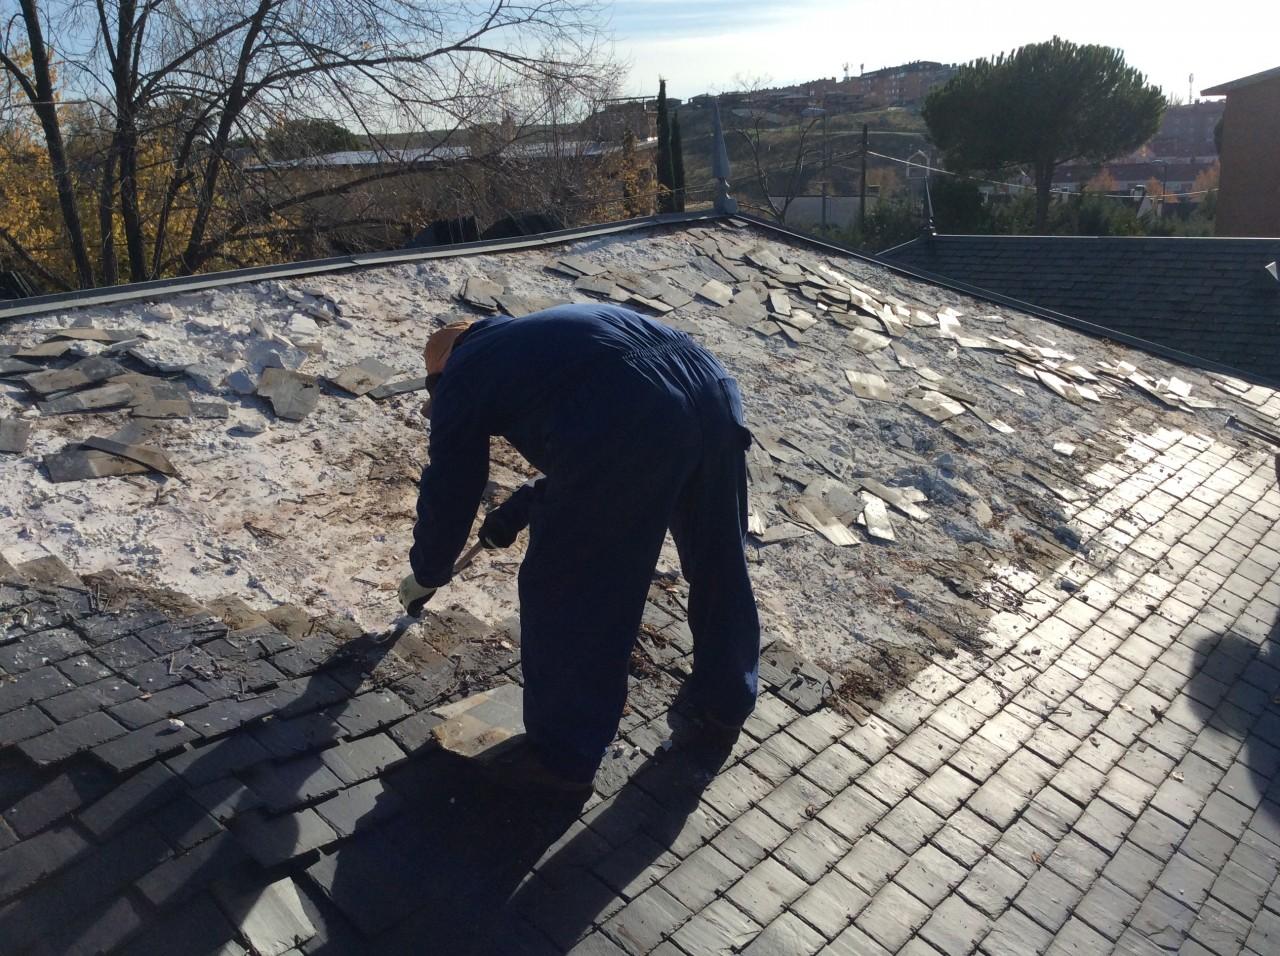 desmontando cubiertas de pizarra deterioradas